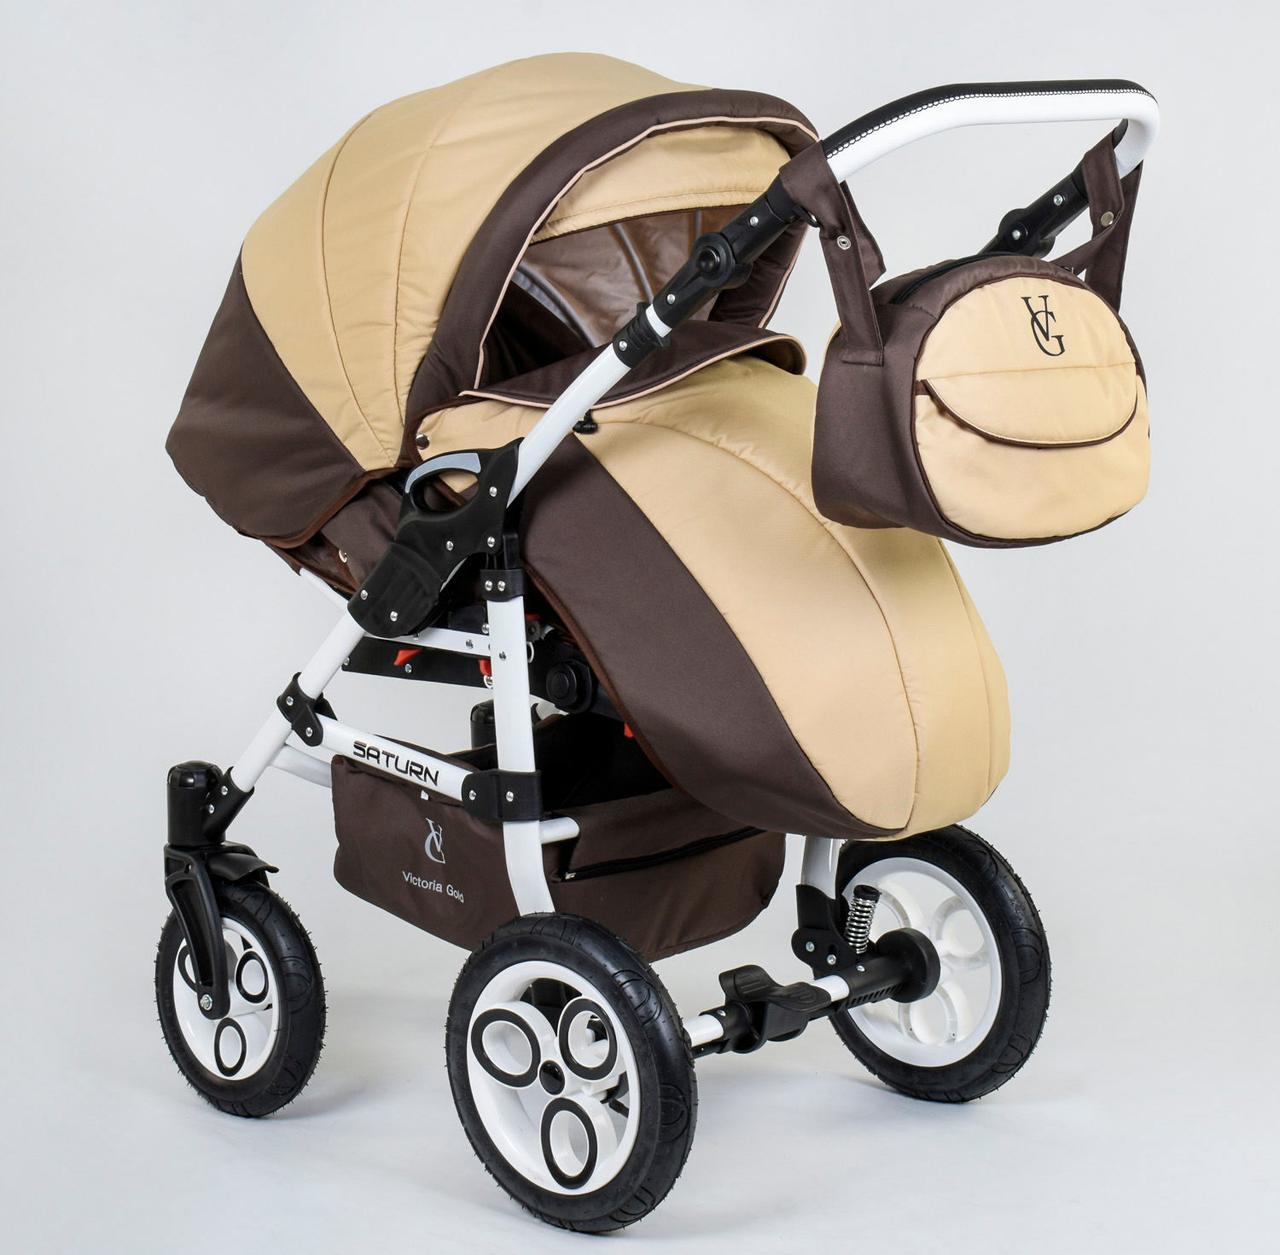 Коляска для детей Saturn № 0140-С90 цвет Шоколадно - Бежевый